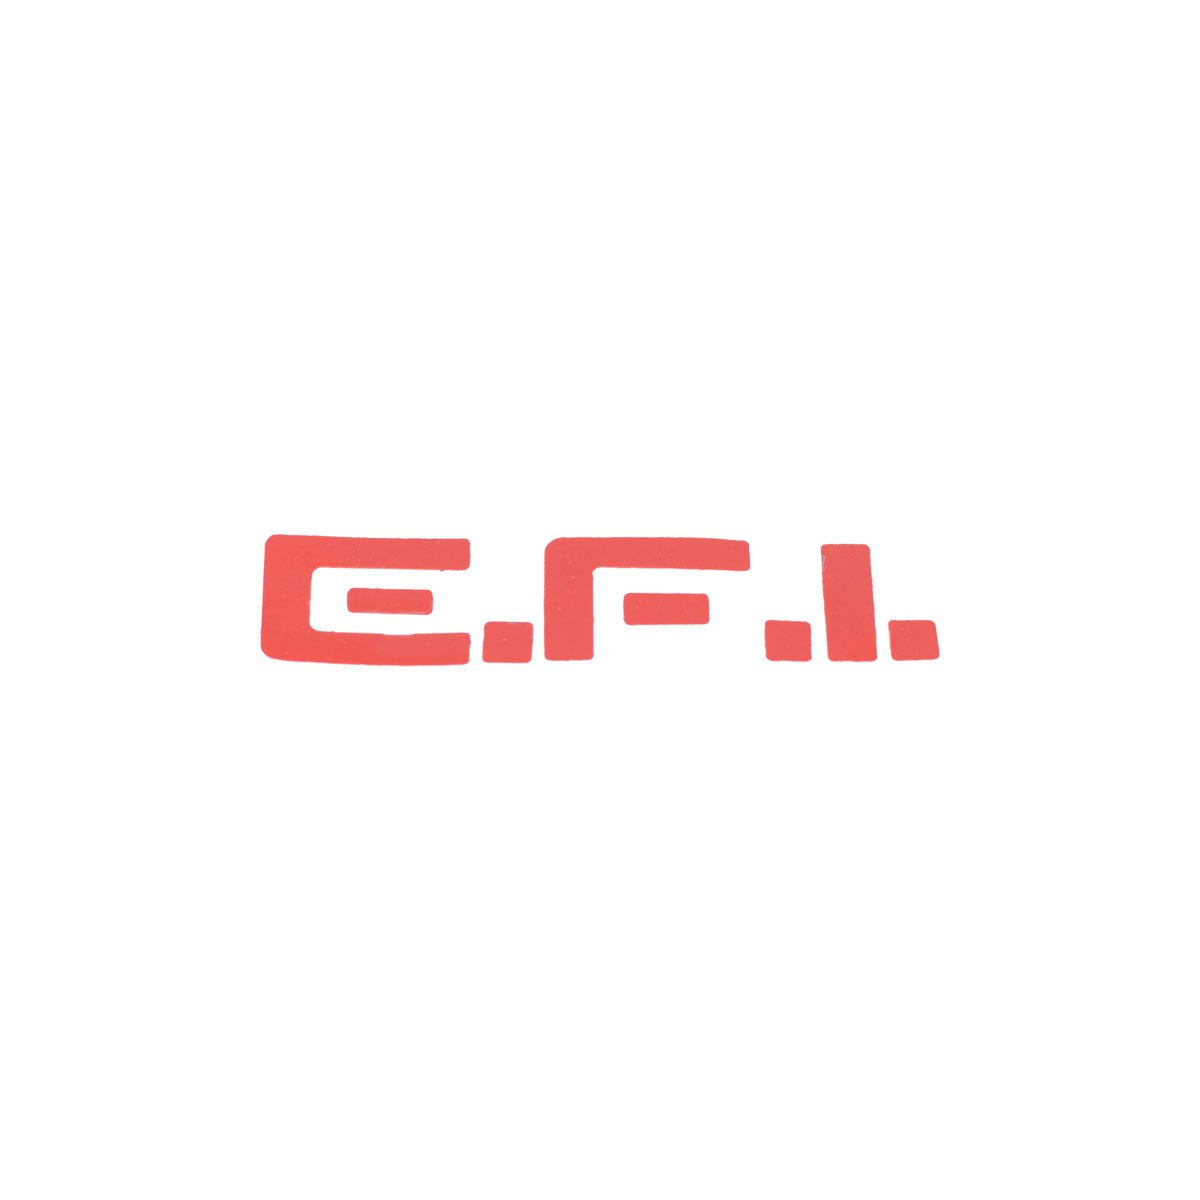 Emblema EFI Vermelho Adesivo